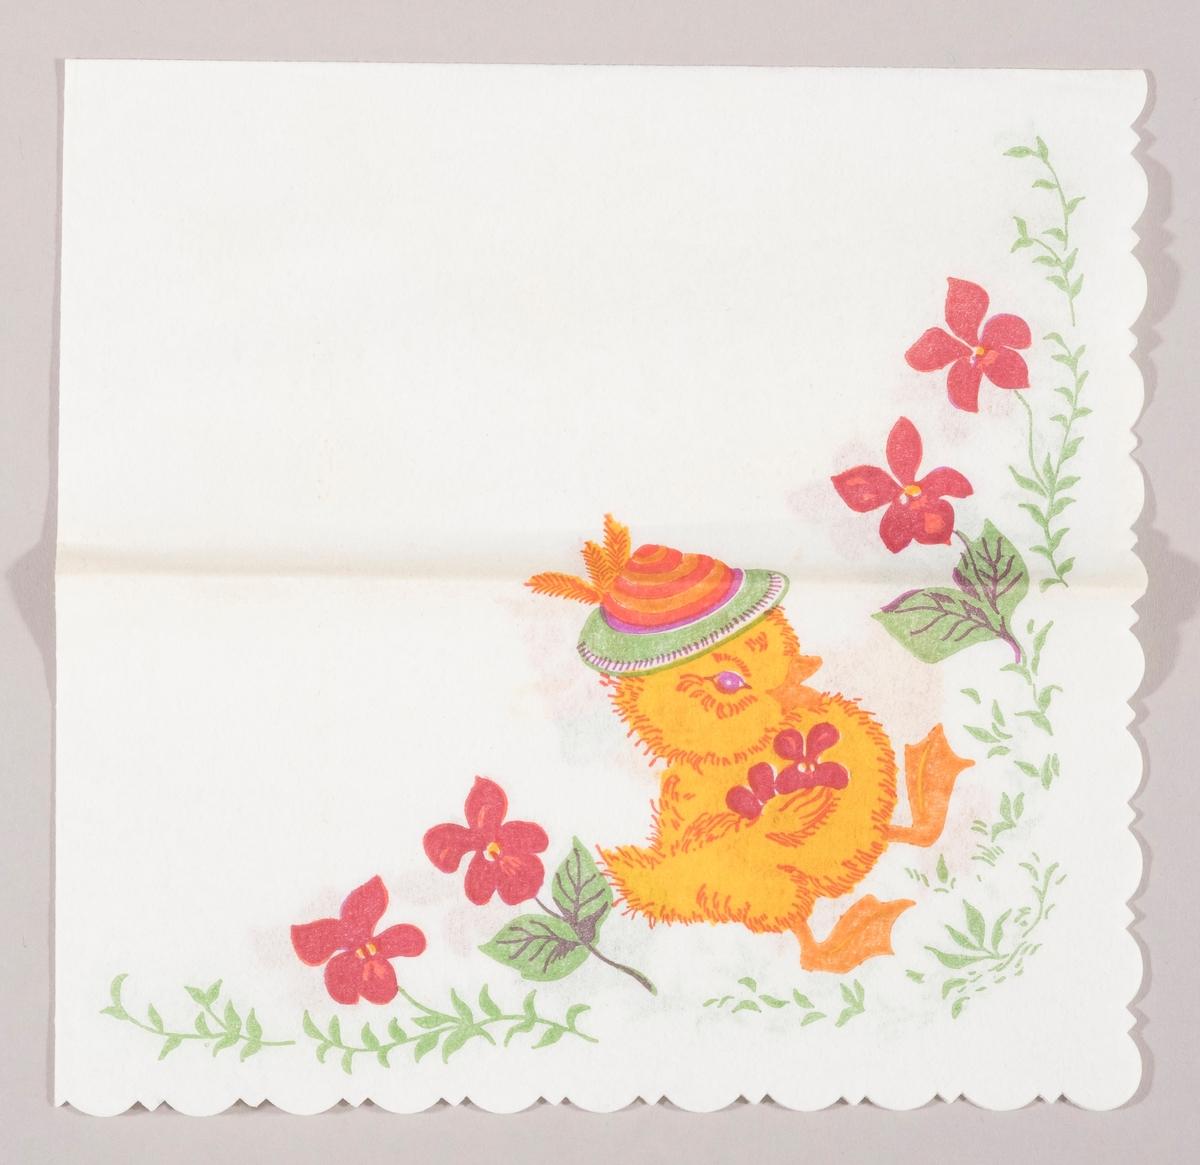 En andunge med hatt og blomster under vingen. Store røde blomster.